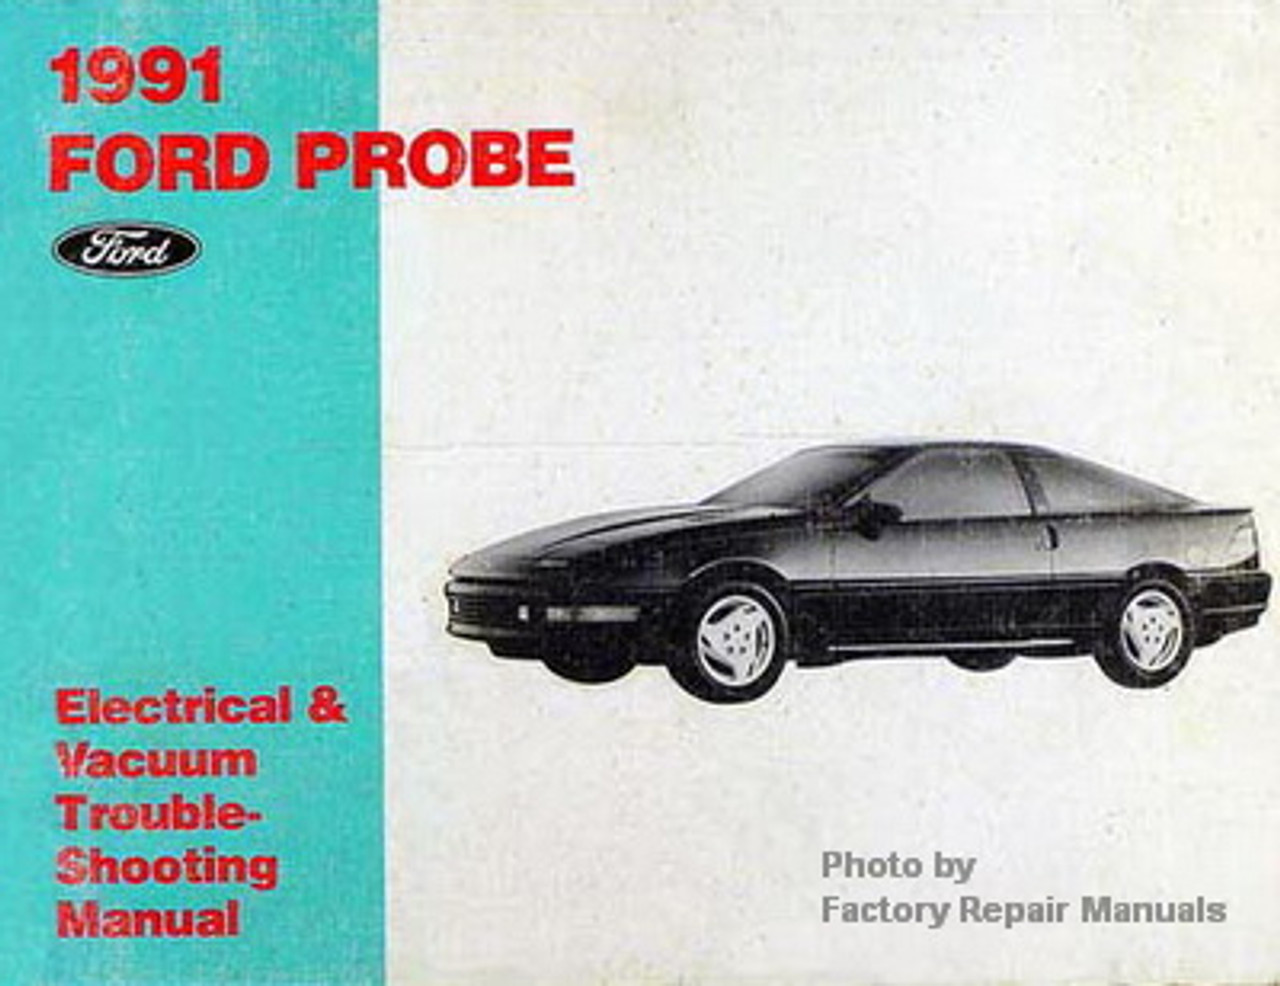 1991 Ford Probe Electrical & Vacuum Troubleshooting Manual Wiring Diagrams  - Factory Repair ManualsFactory Repair Manuals